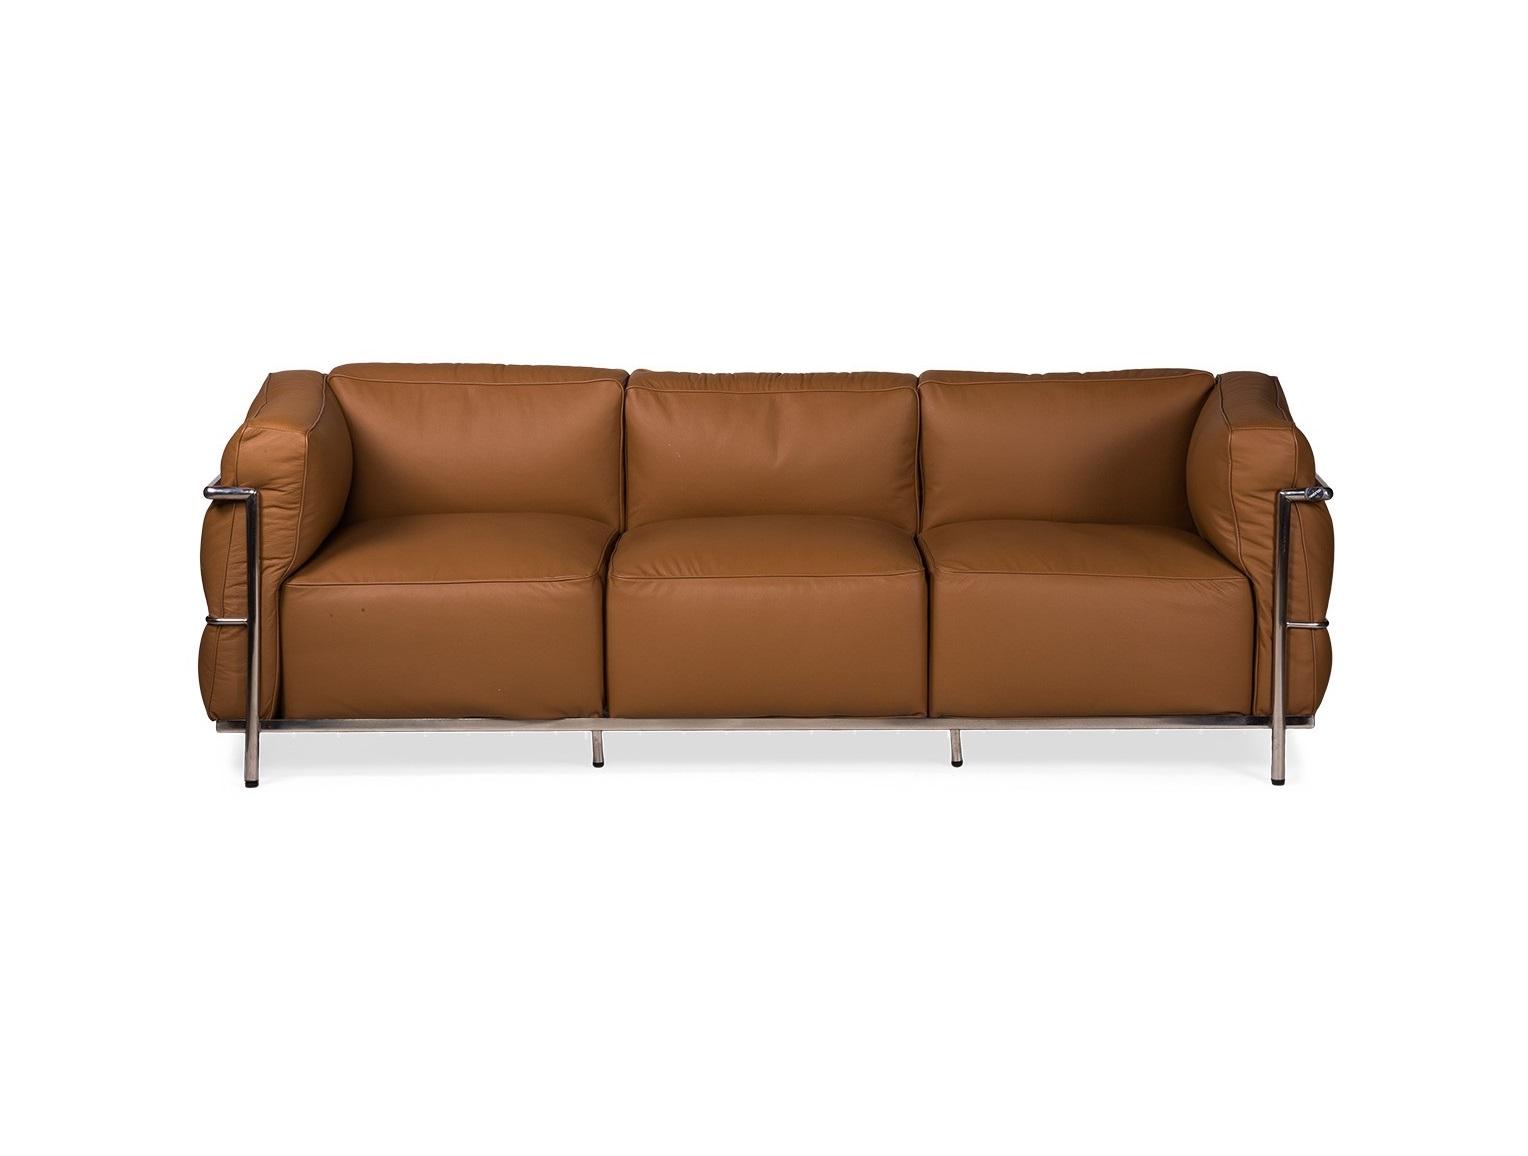 Диван LCТрехместные диваны<br>Клубный кожаный диван с пышными подушками - воплощение современной роскоши.&amp;amp;nbsp;<br><br>Material: Экокожа<br>Ширина см: 208<br>Высота см: 67<br>Глубина см: 70